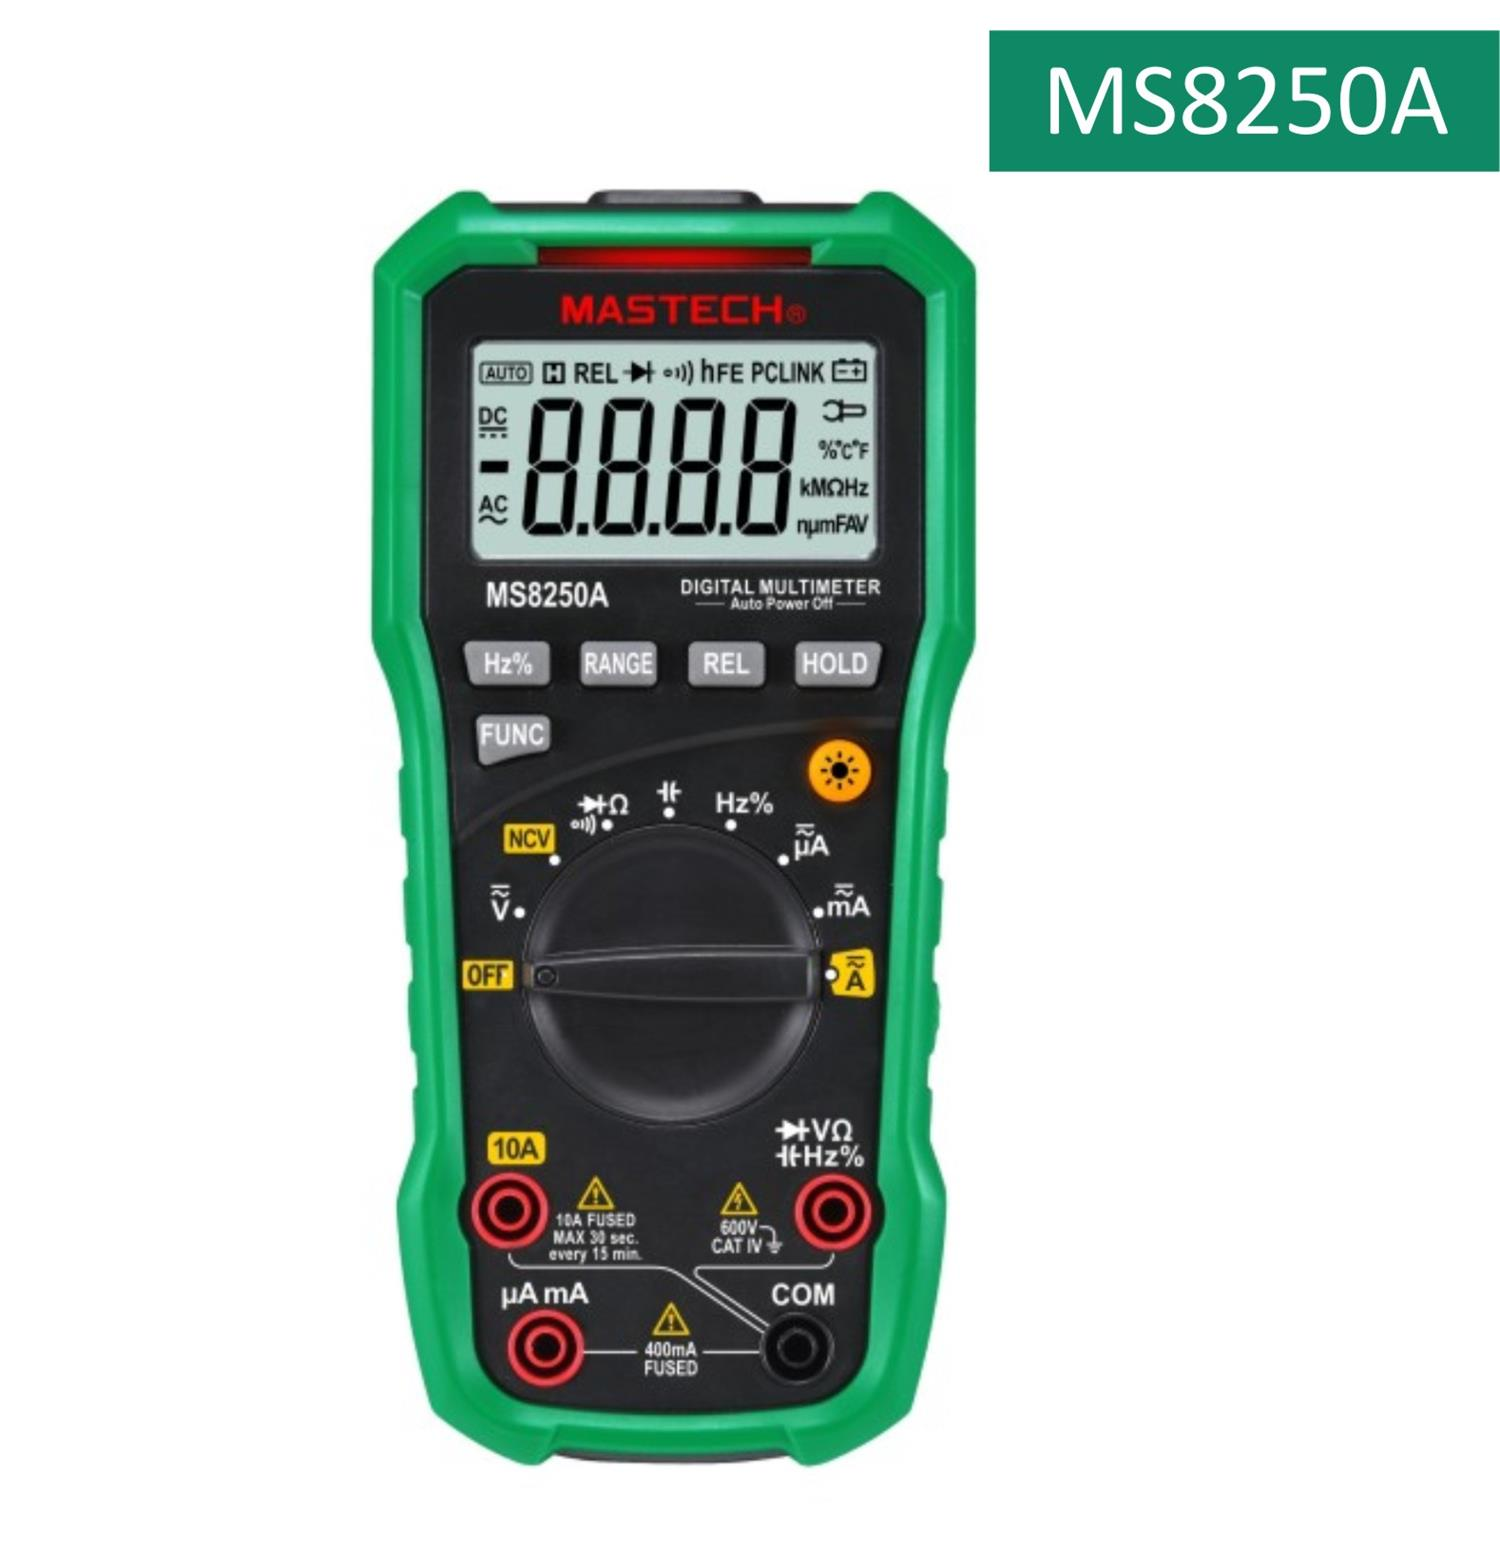 MS 8250A